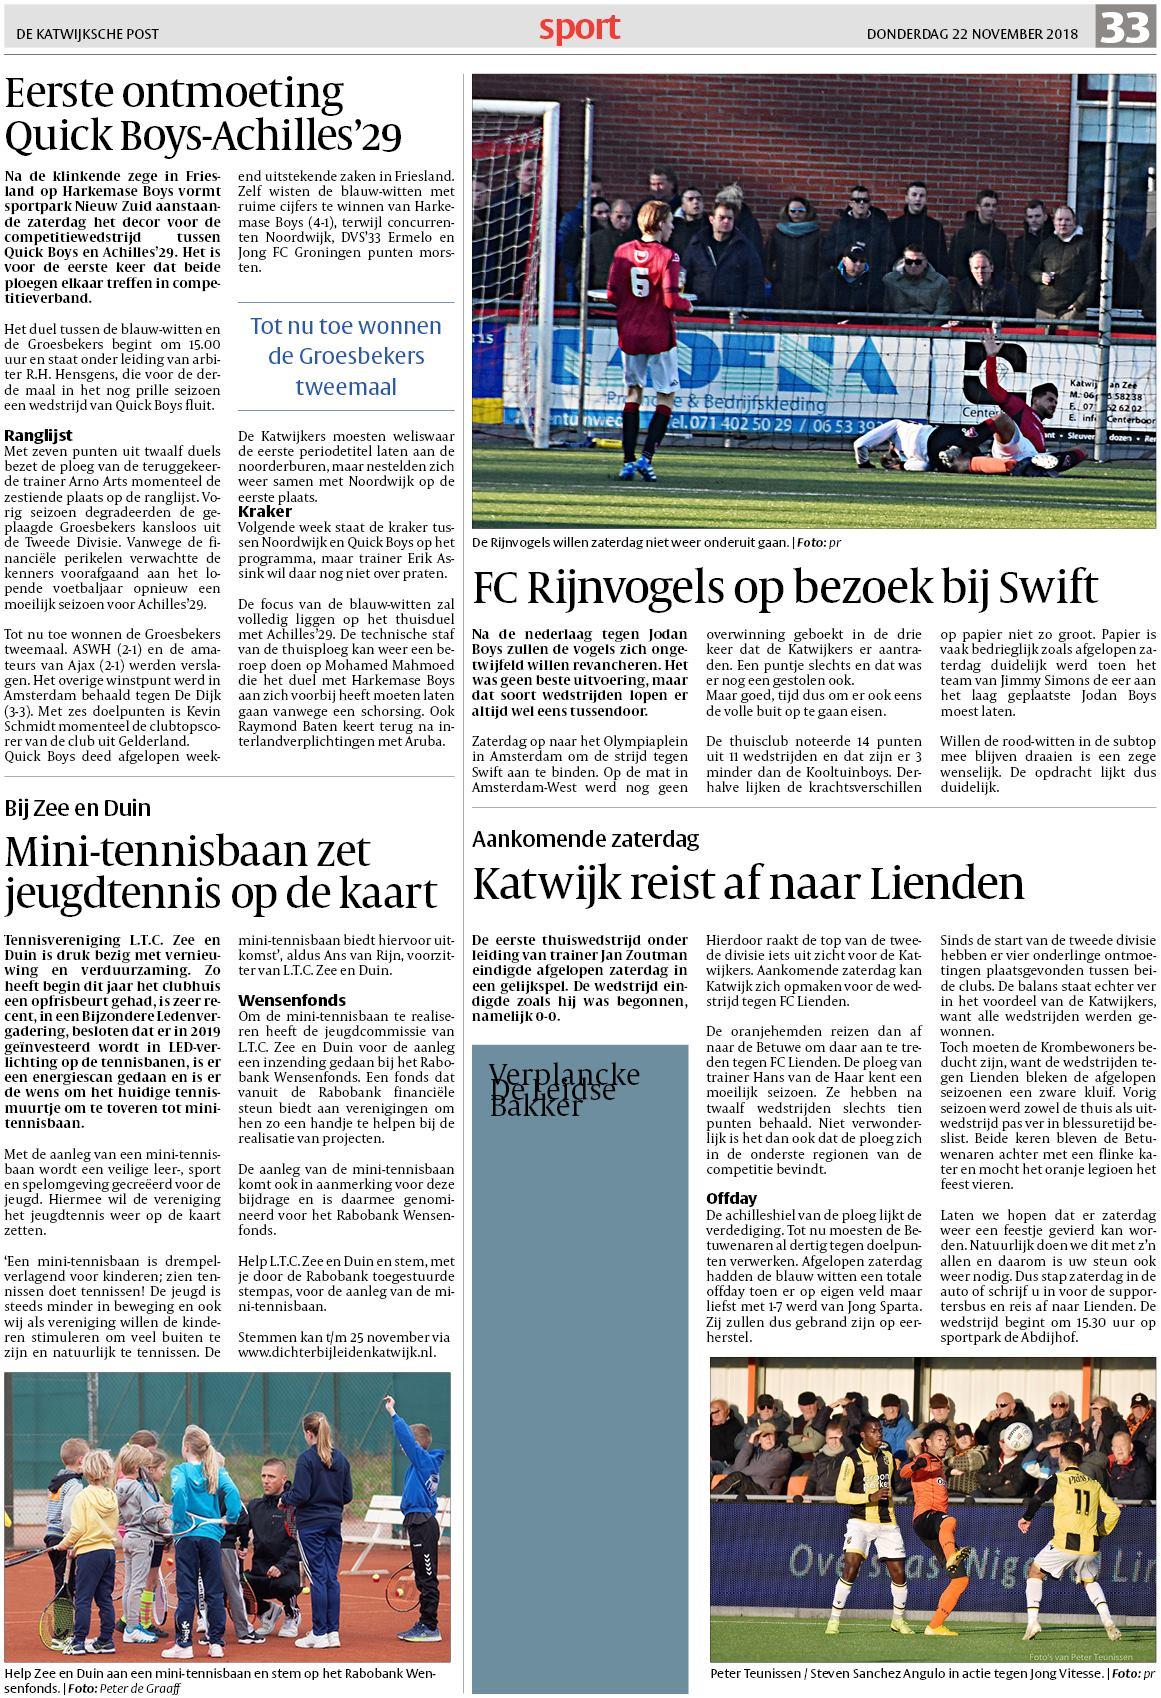 b6204ec2863 De Katwijksche Post 22 november 2018